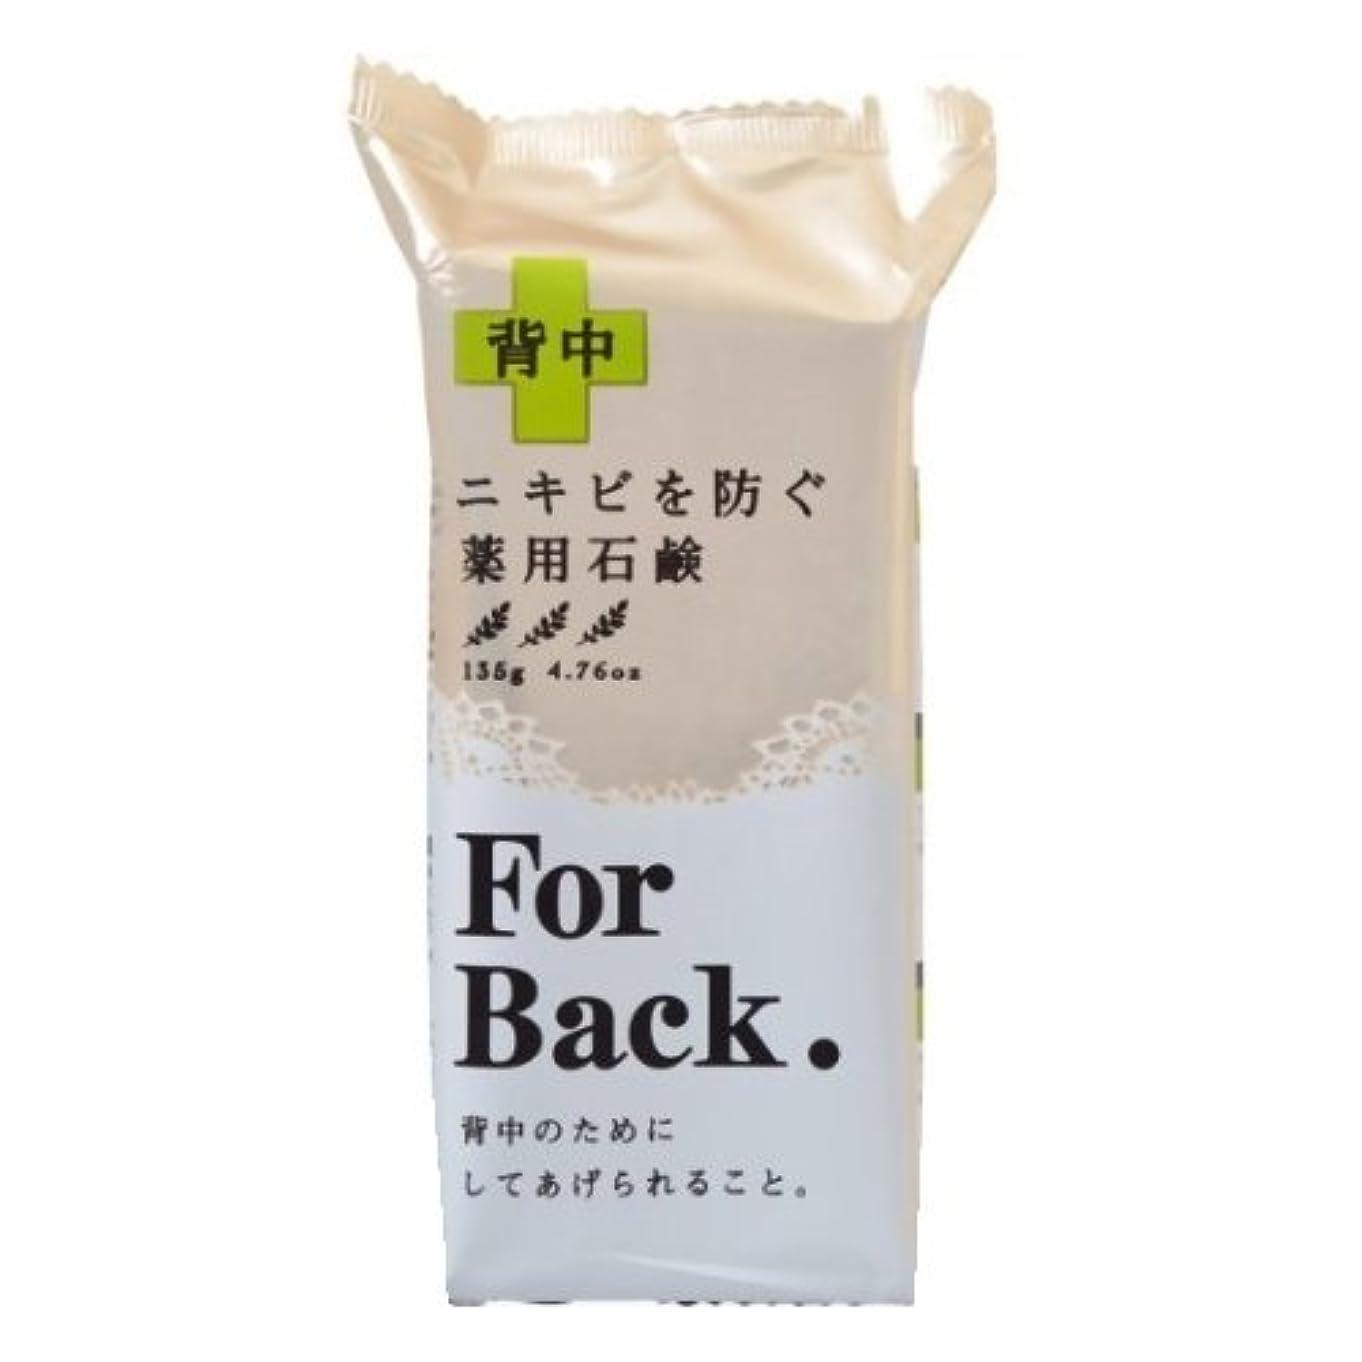 安定した行政記念薬用石鹸ForBack 135g